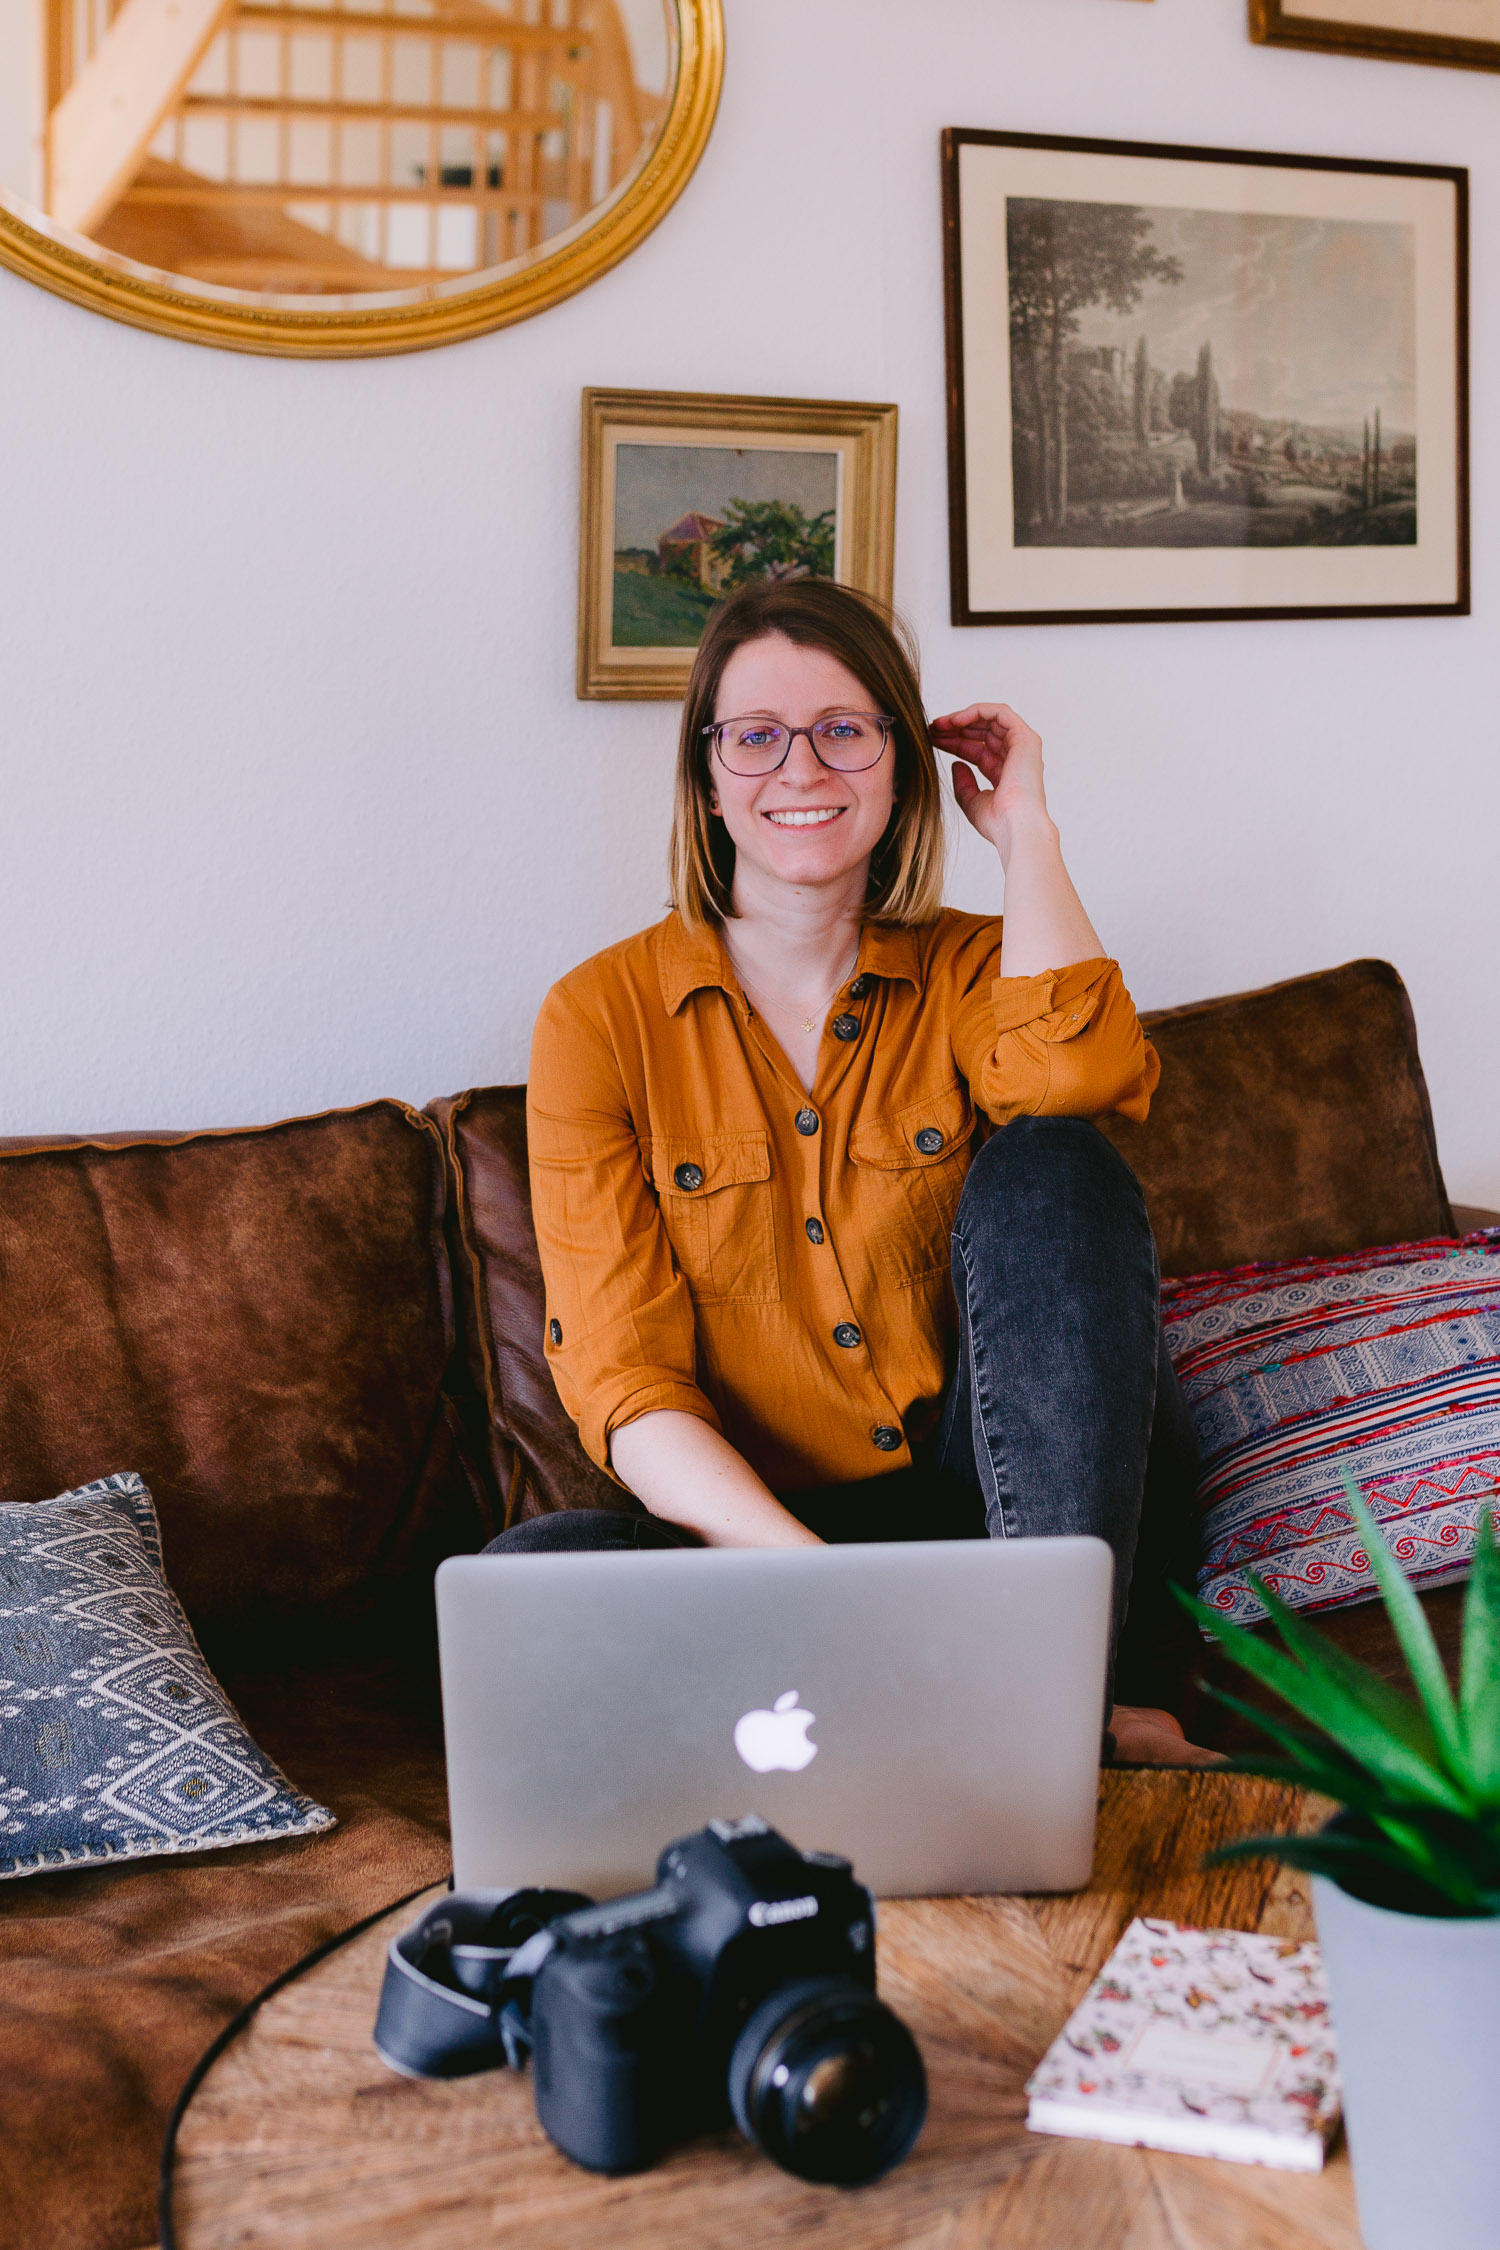 Portrait eines Fotografen sitzend auf der Couch beim Fotos bearbeiten